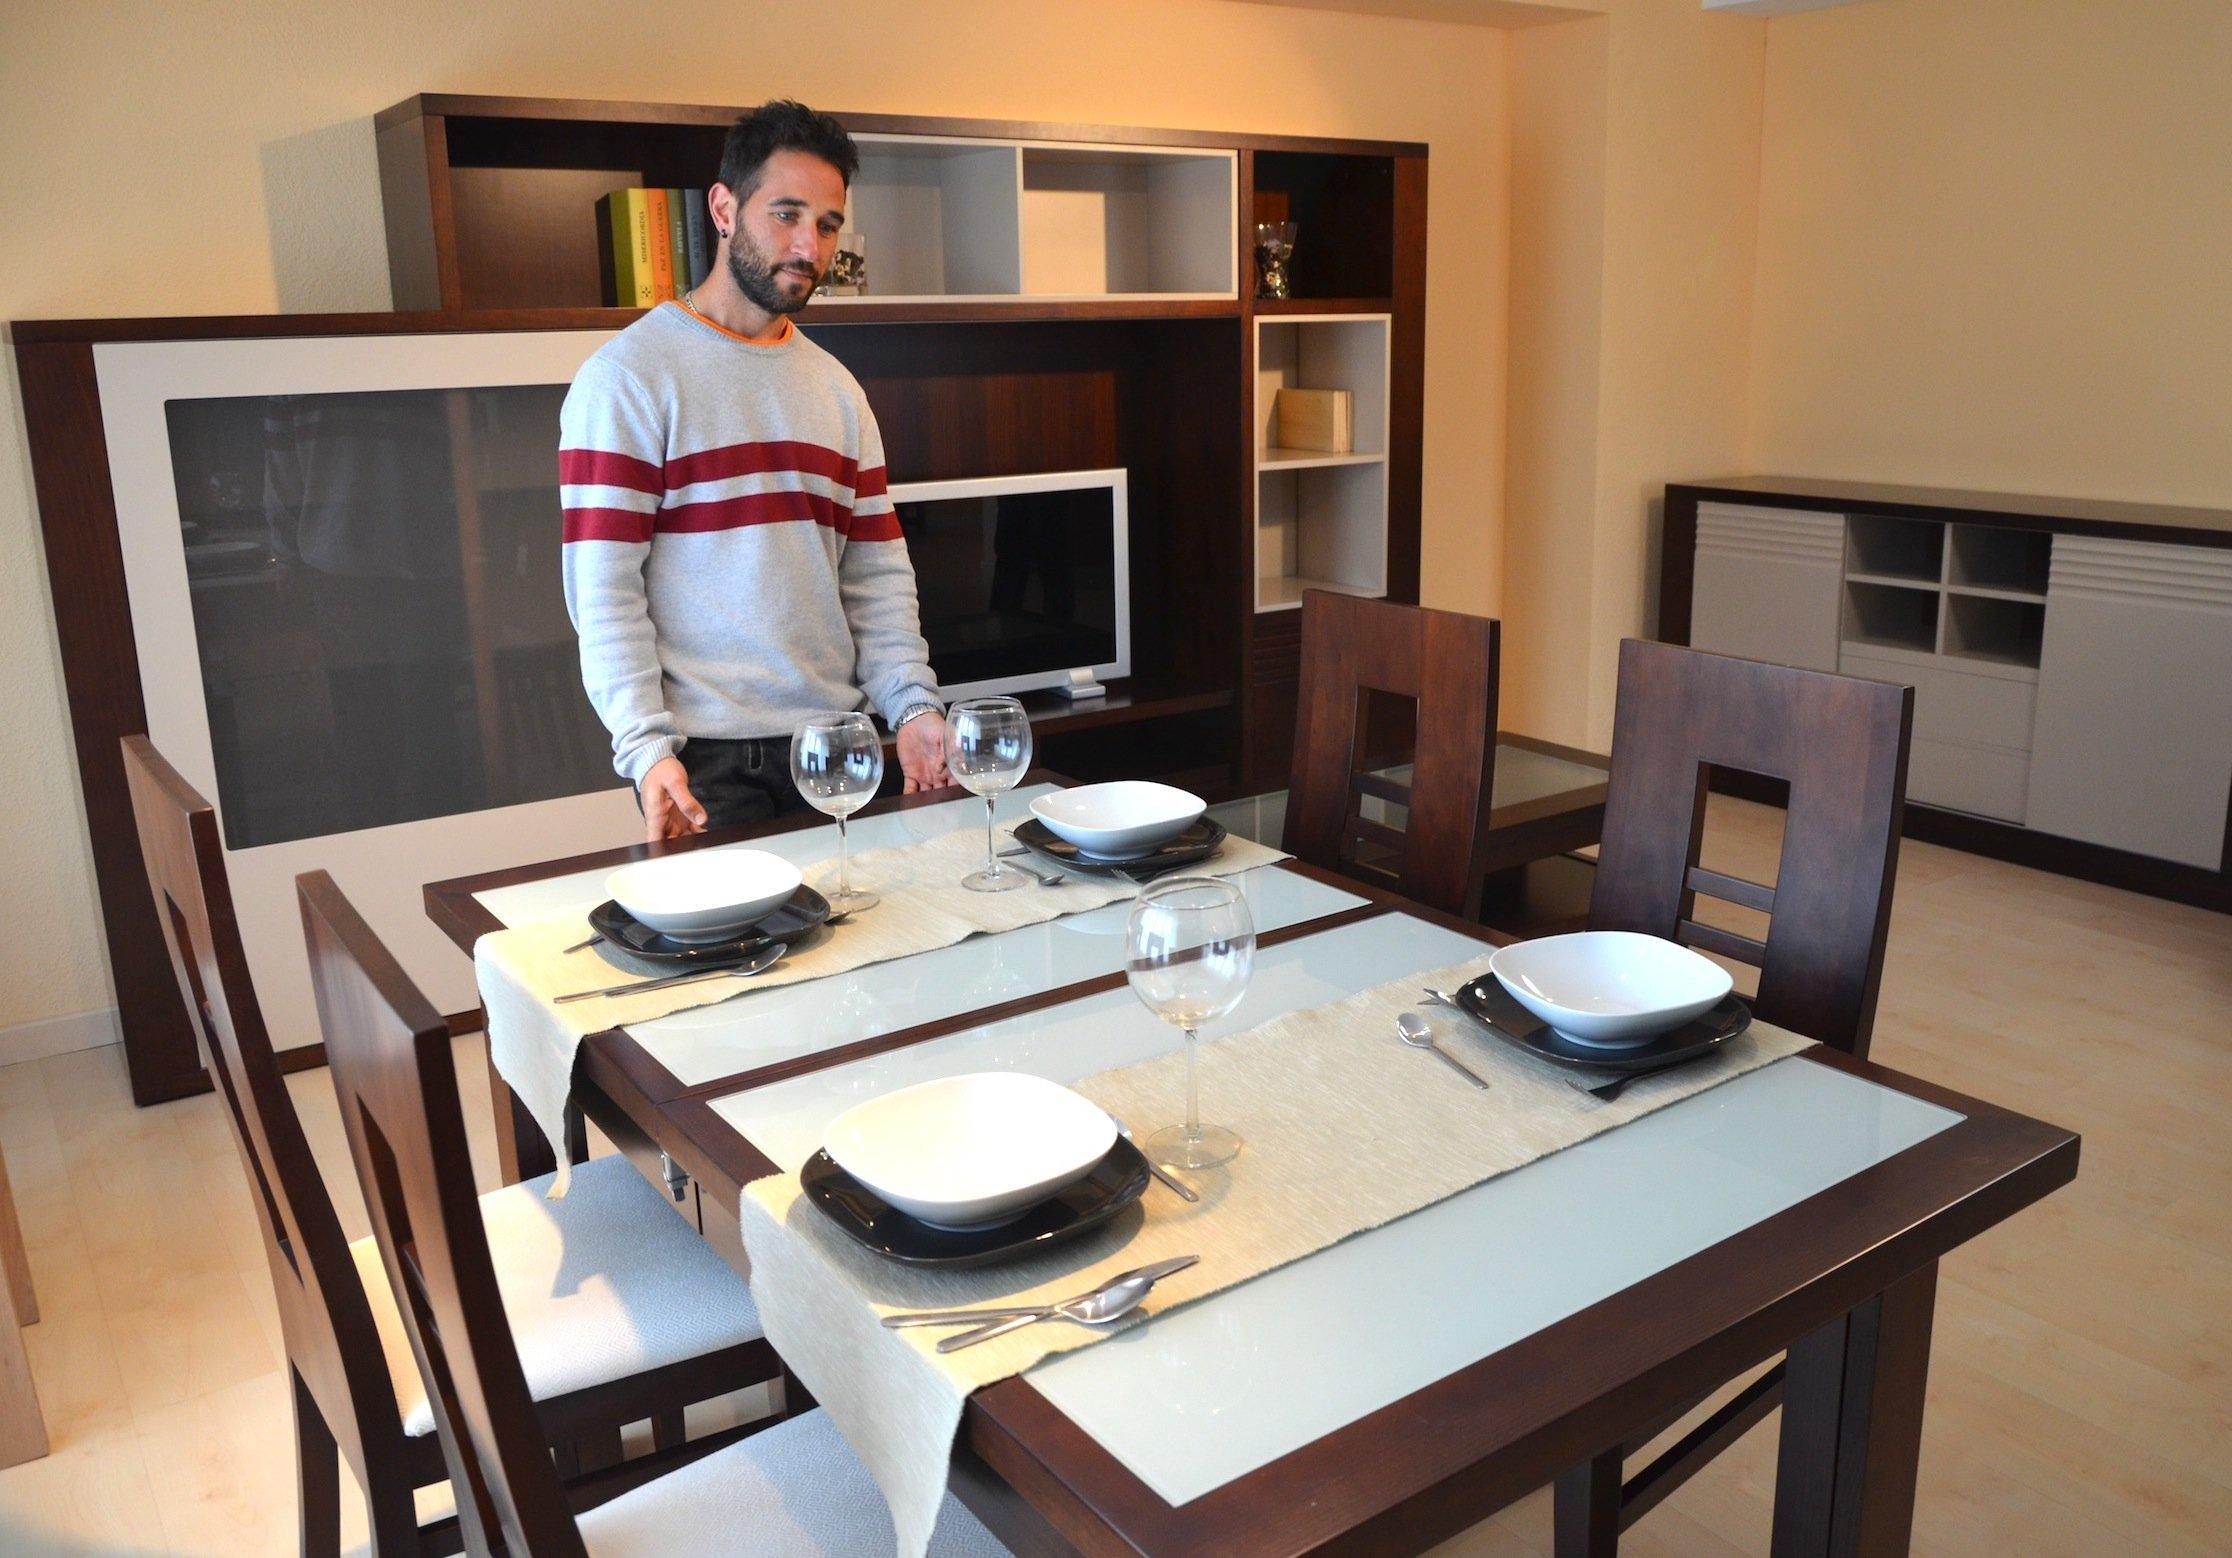 Muebles Duruelo De La Sierra - Duruelo De La Sierra Celebra Este Fin De Semana Su Segunda Cita [mjhdah]http://mueblestradima.com/wp-content/uploads/2012/10/23092011068.jpg